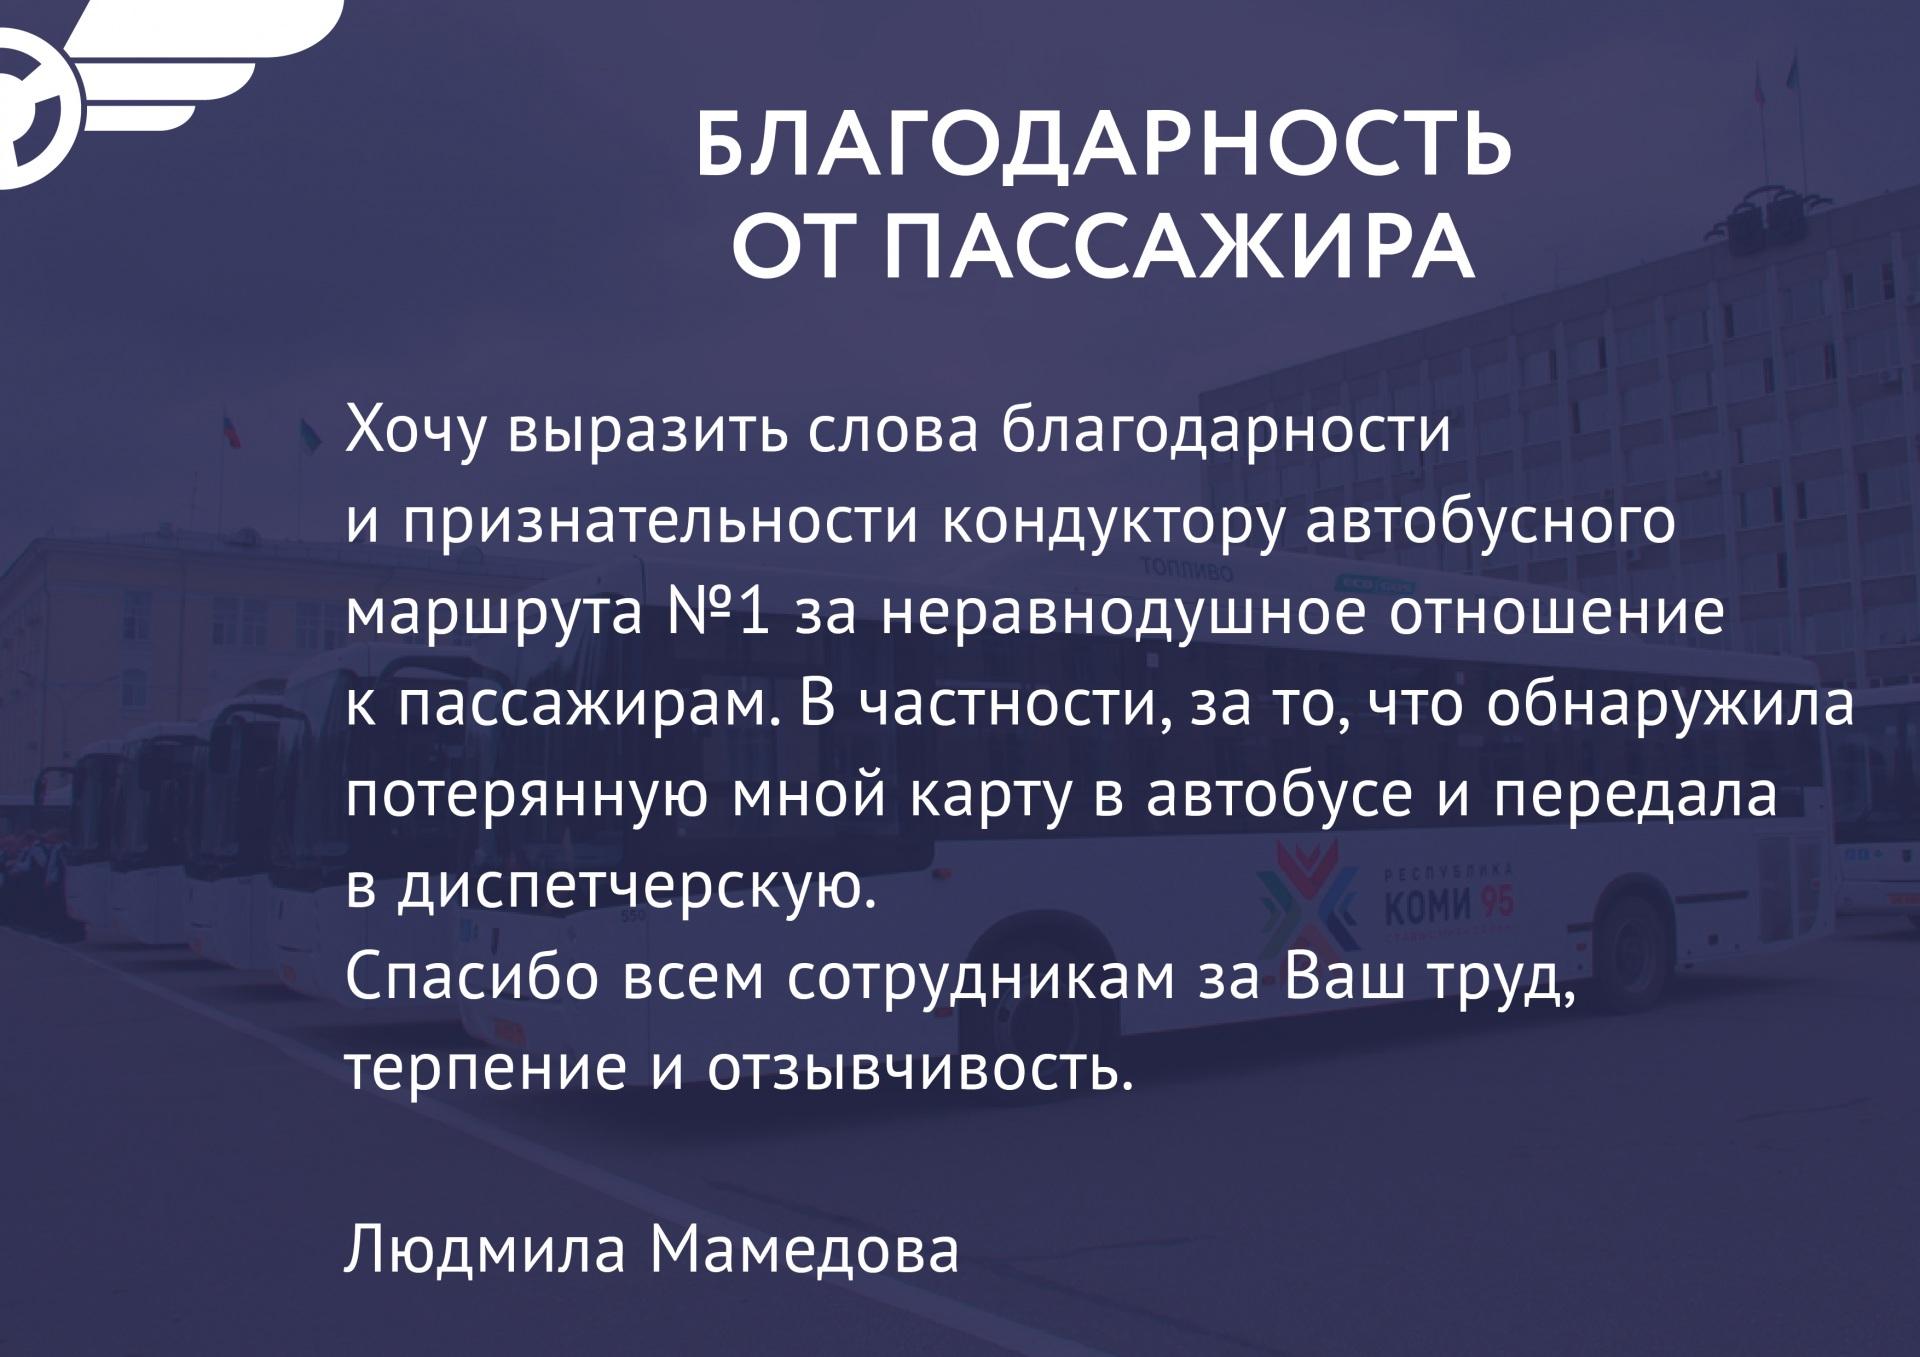 8-01.jpg